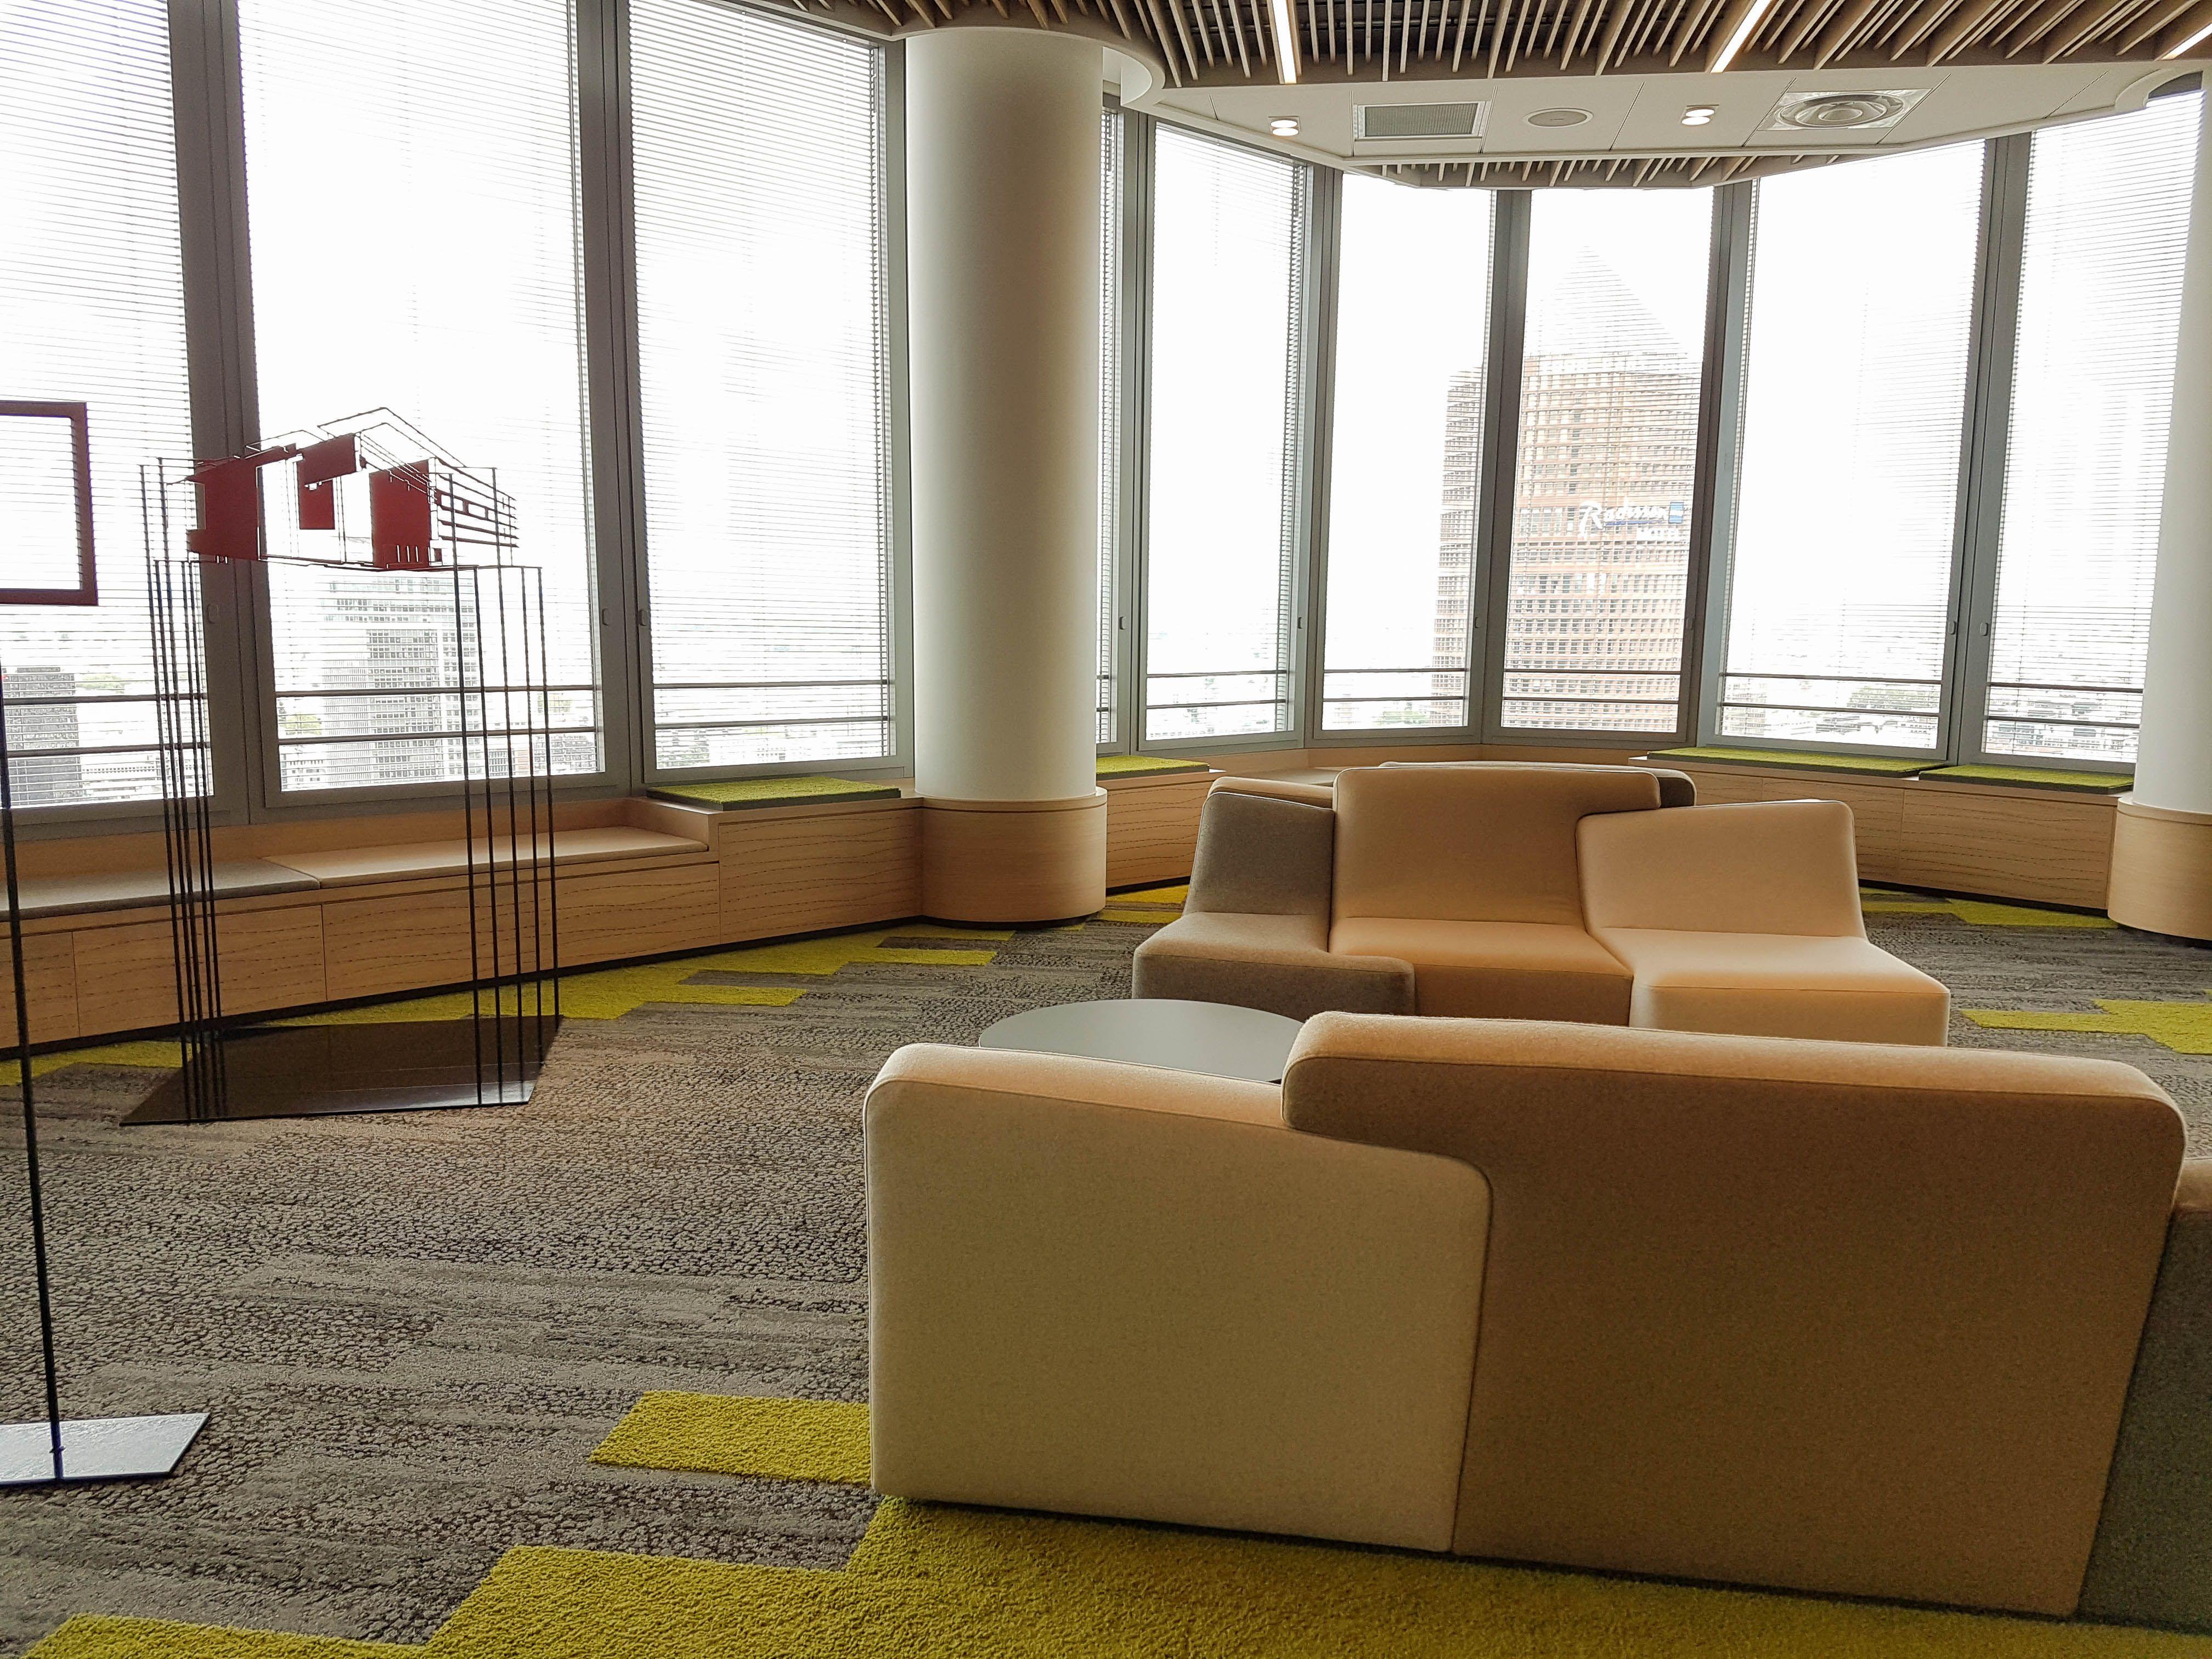 Habillages du 26ème étage de la Tour Incity (Lyon) - Une réalisation Saga Agencement (Groupe HASAP)